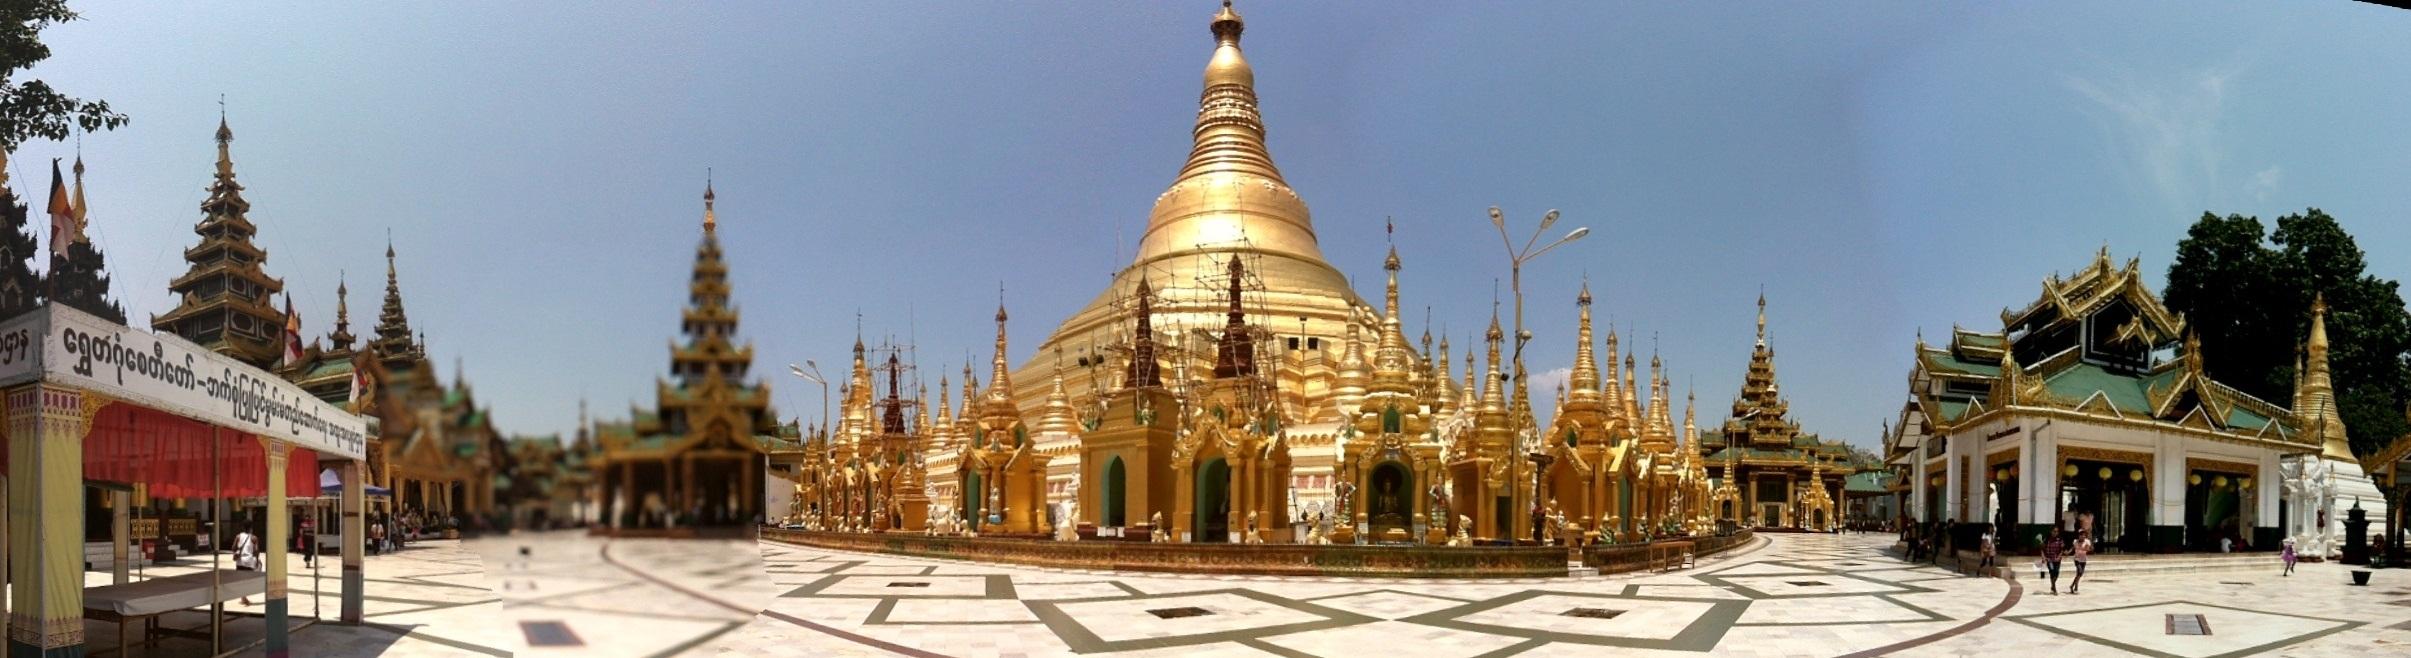 Chiangmai pagodas